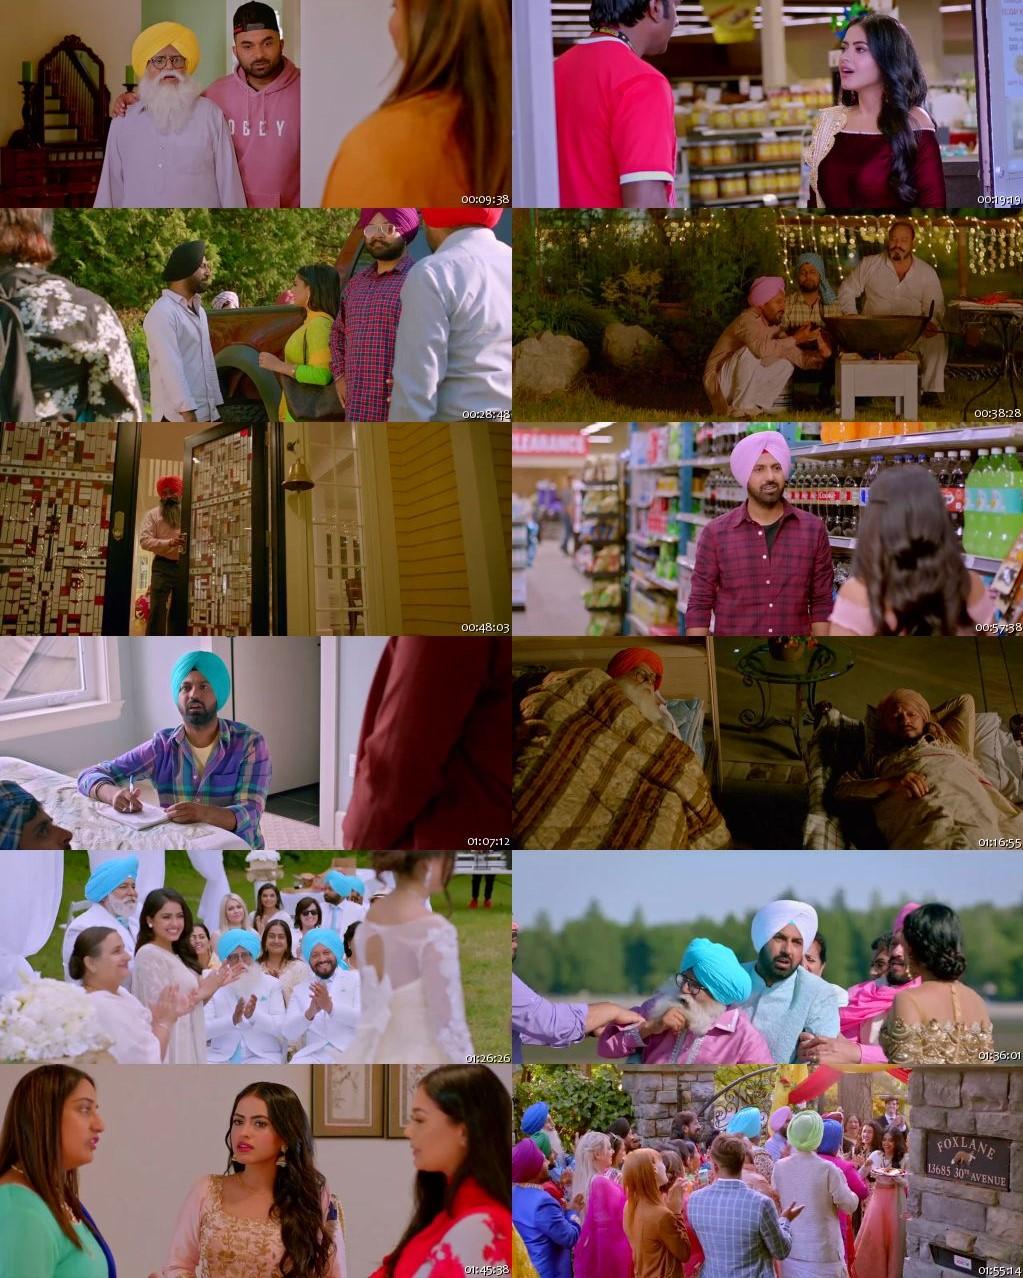 Manje Bistre 2 2019 Full Movie Online Watch Punjabi HDRip 720p